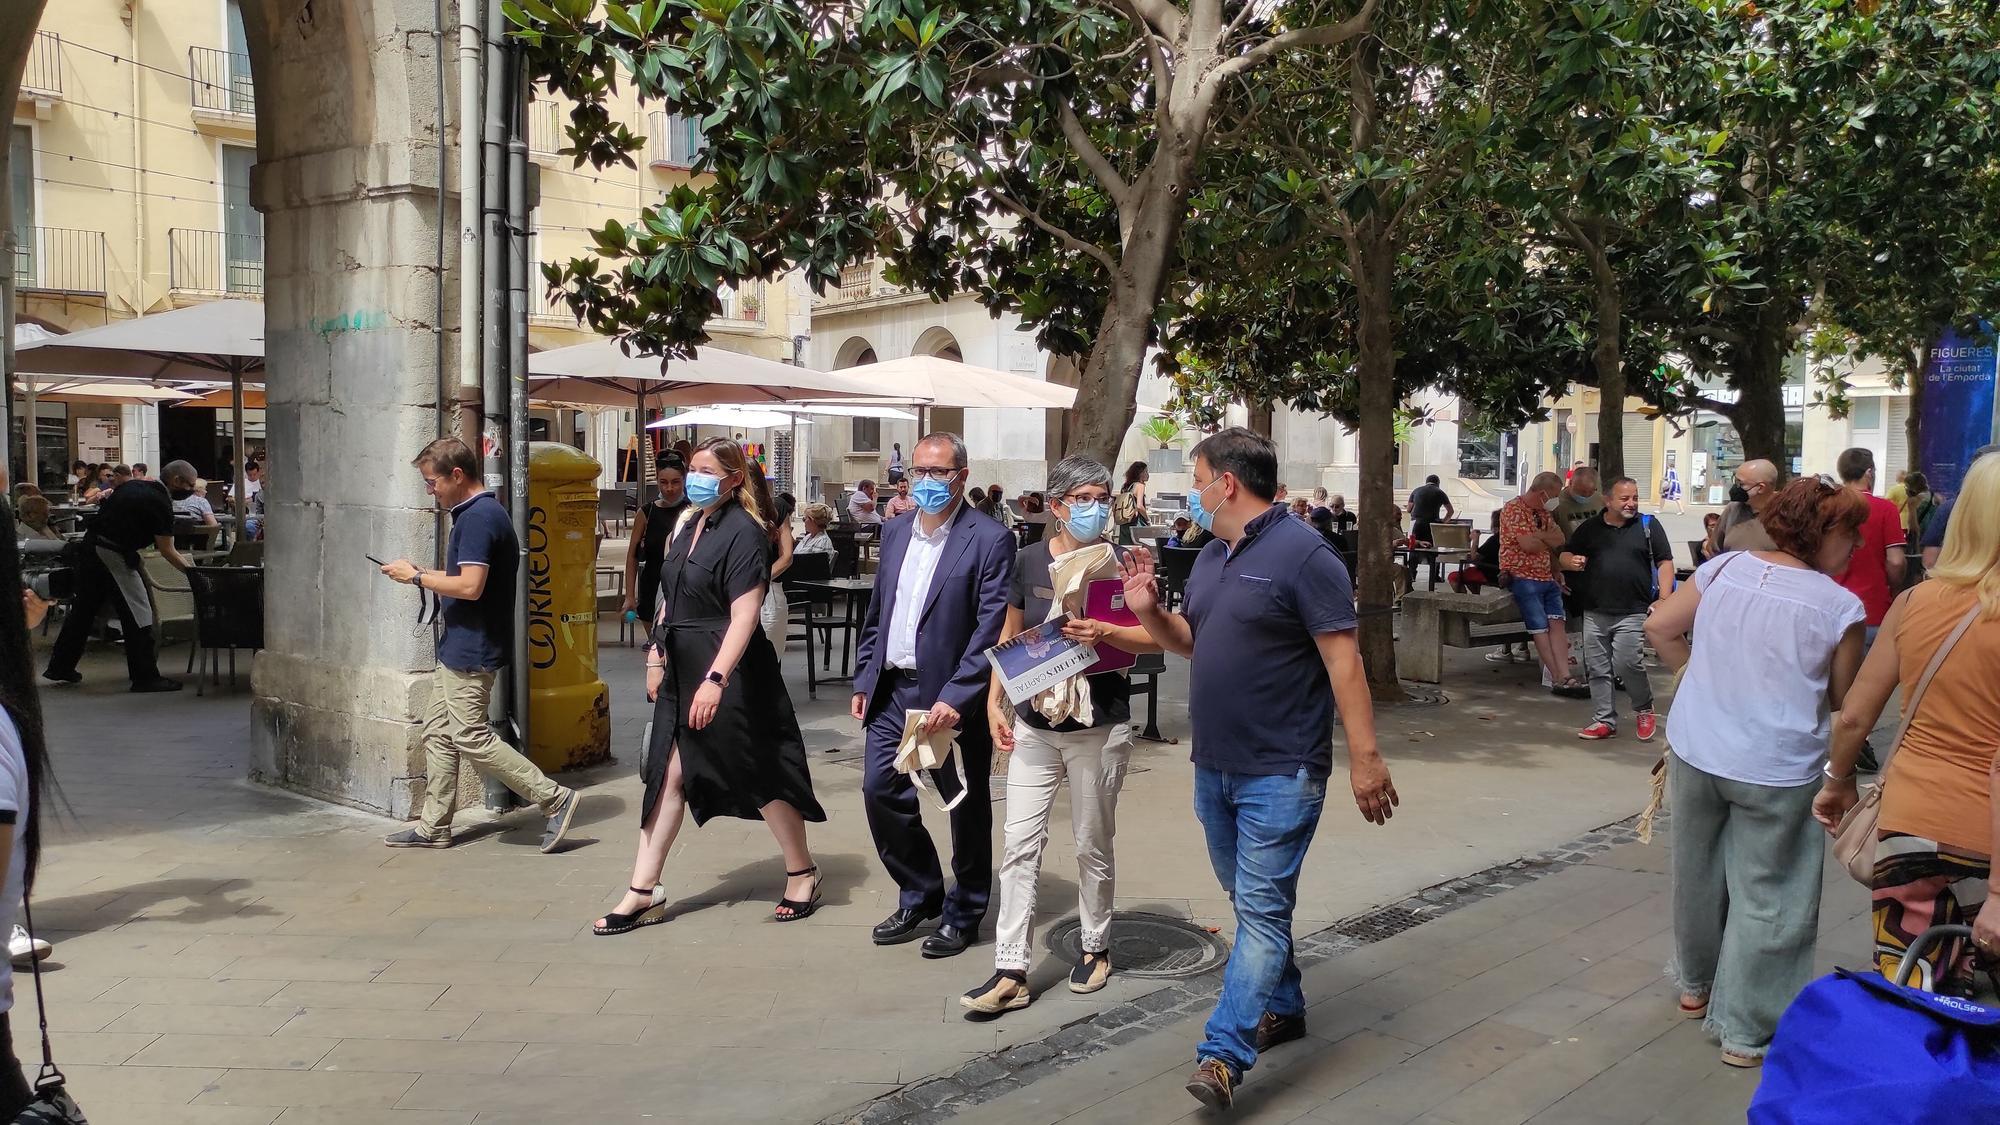 Dalí invaeix la ciutat de Figueres en una campanya promocional